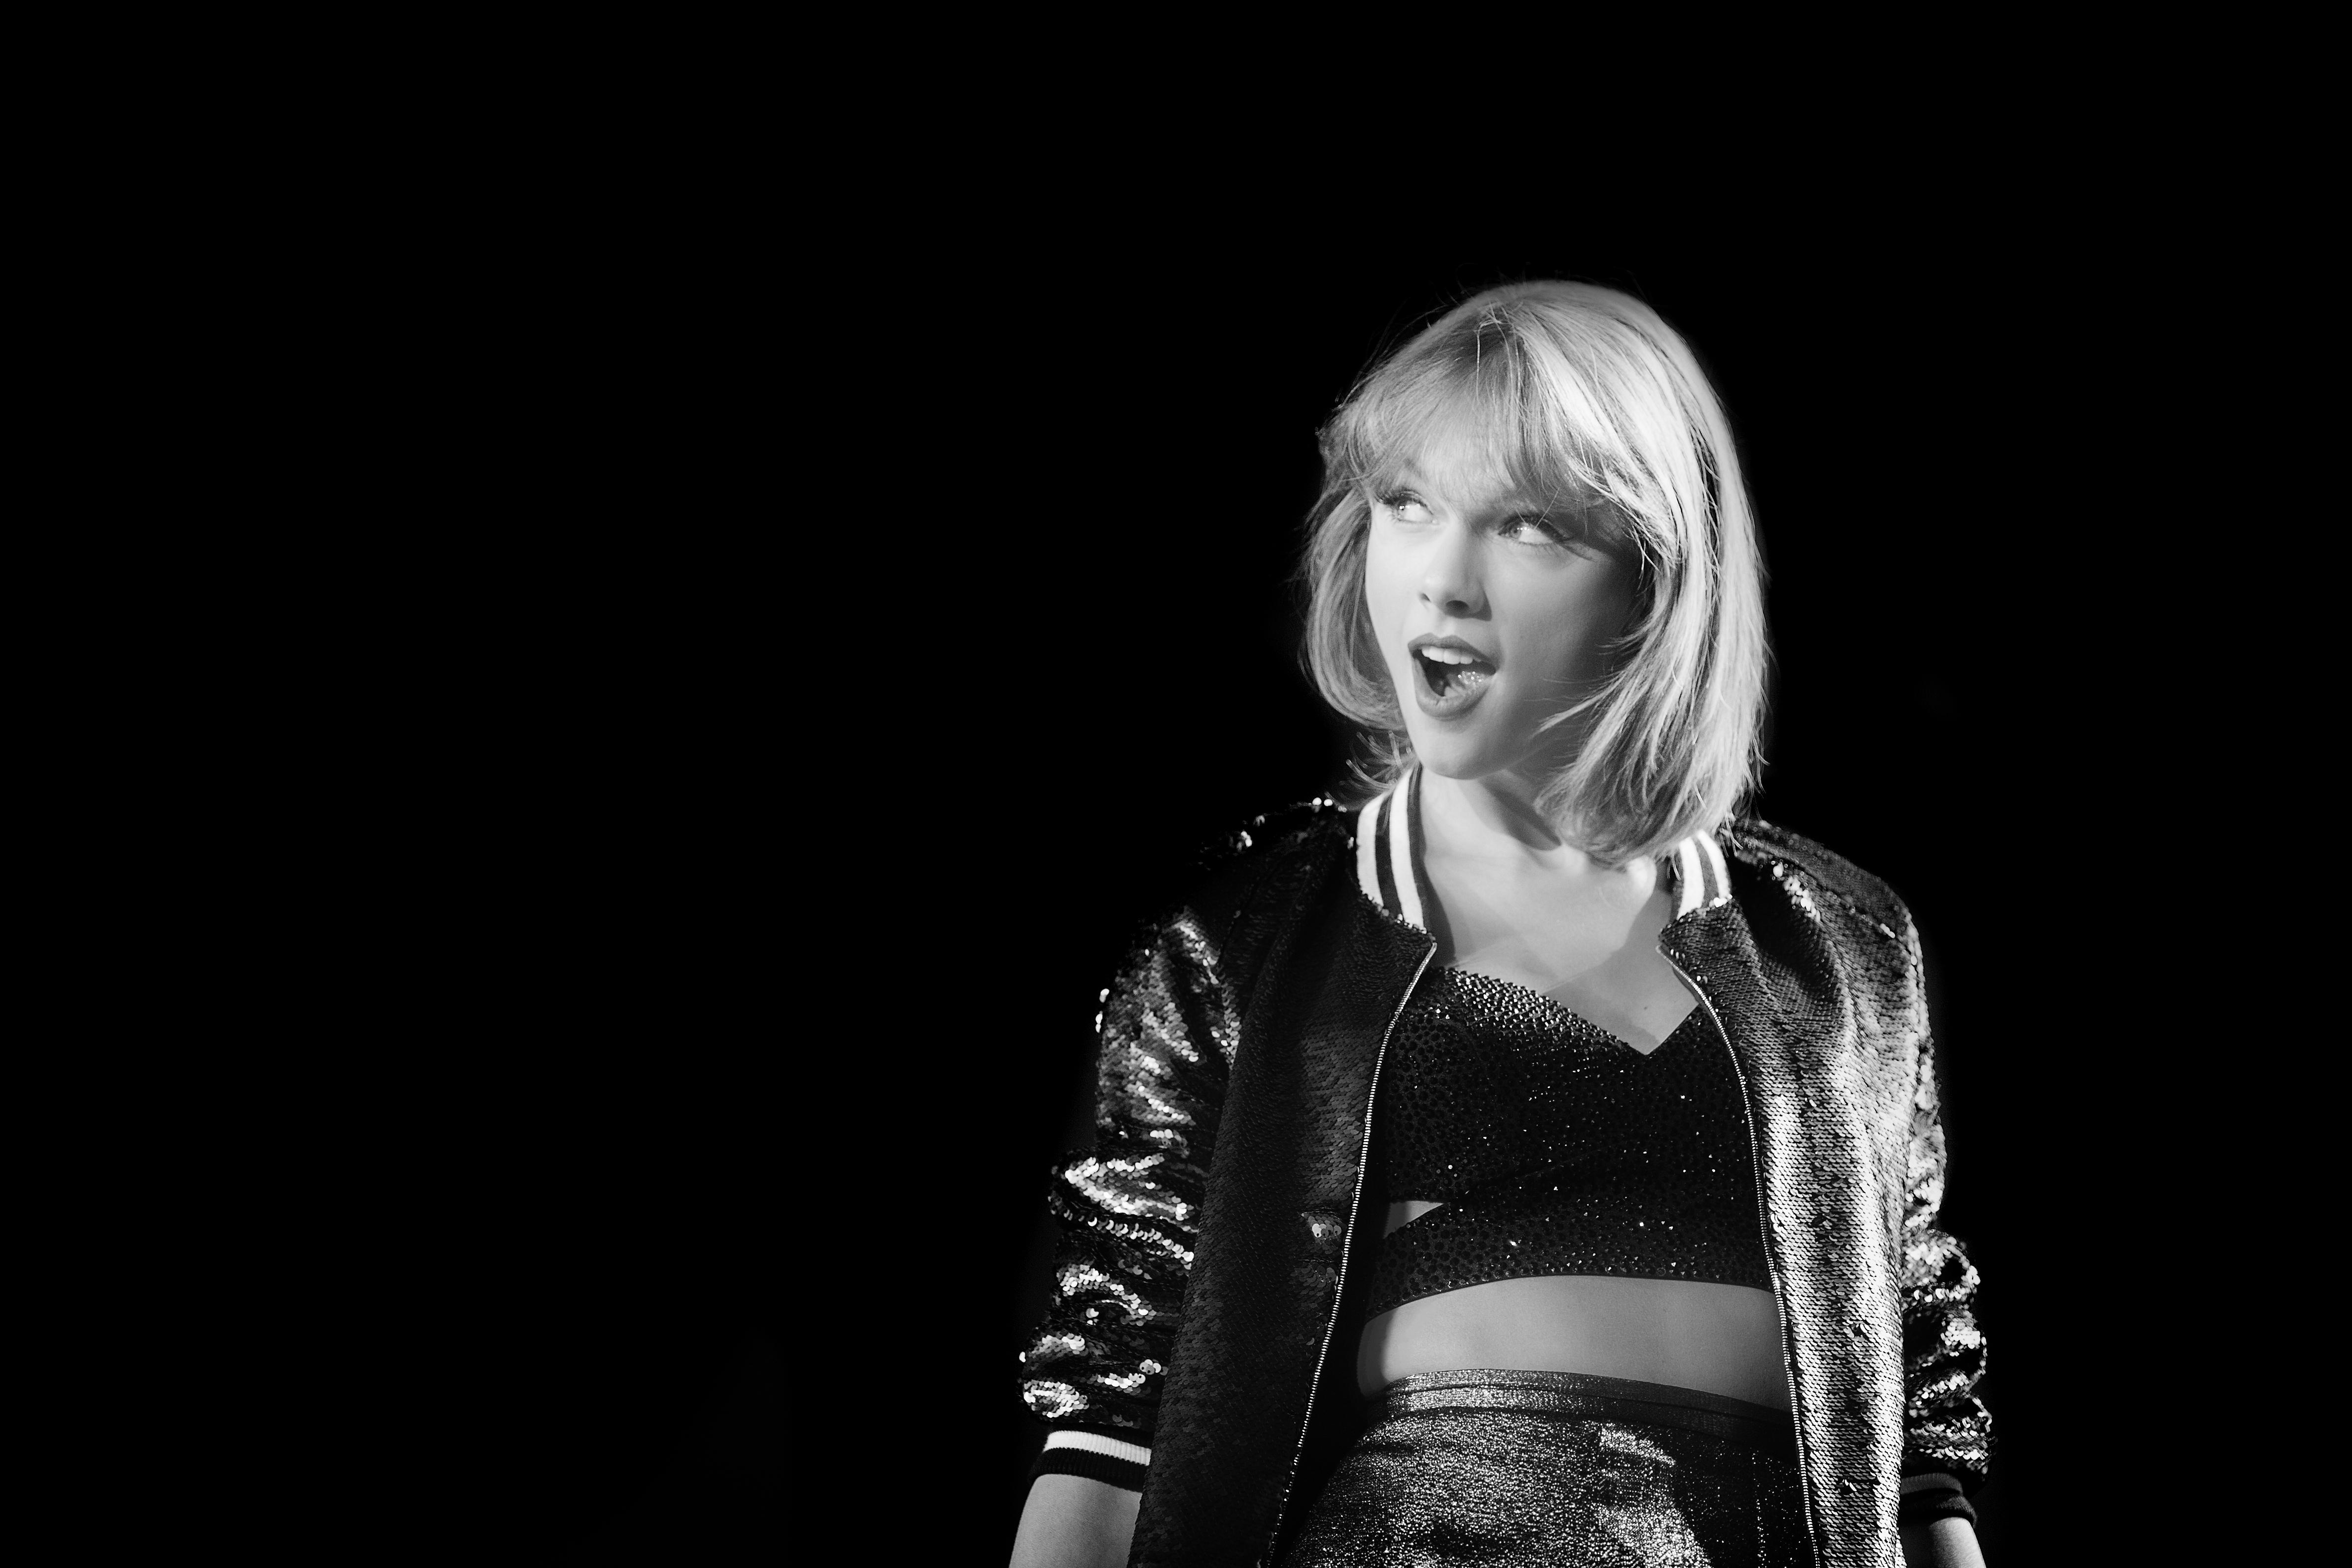 Taylor-Swift-fav